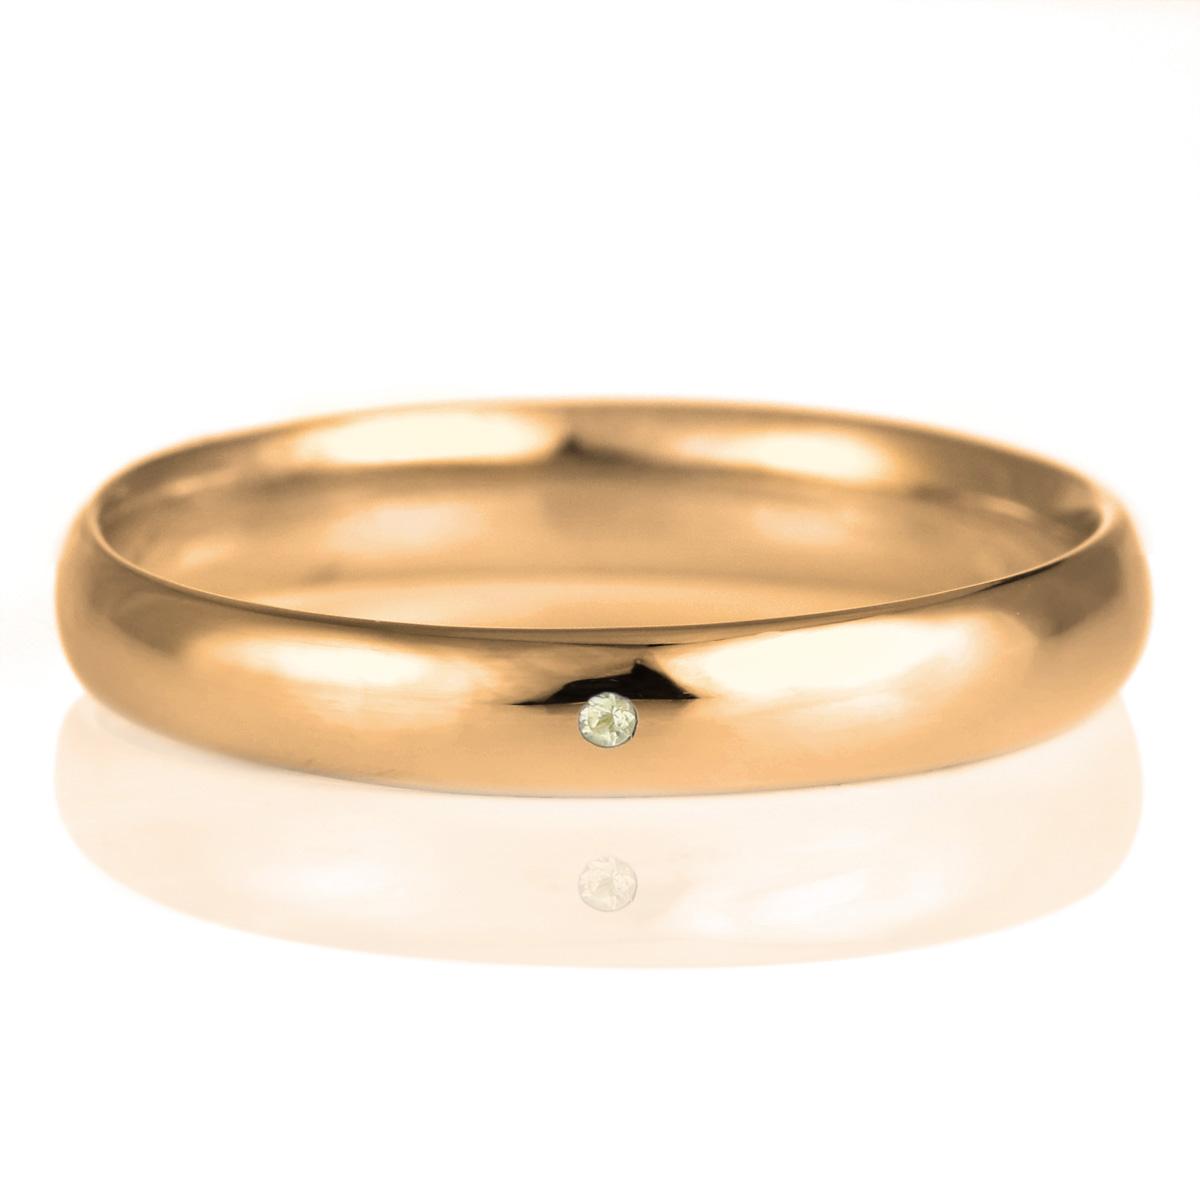 結婚指輪 マリッジリング 18金 ピンクゴールド 甲丸 天然石 ペリドット 末広 スーパーSALE【今だけ代引手数料無料】